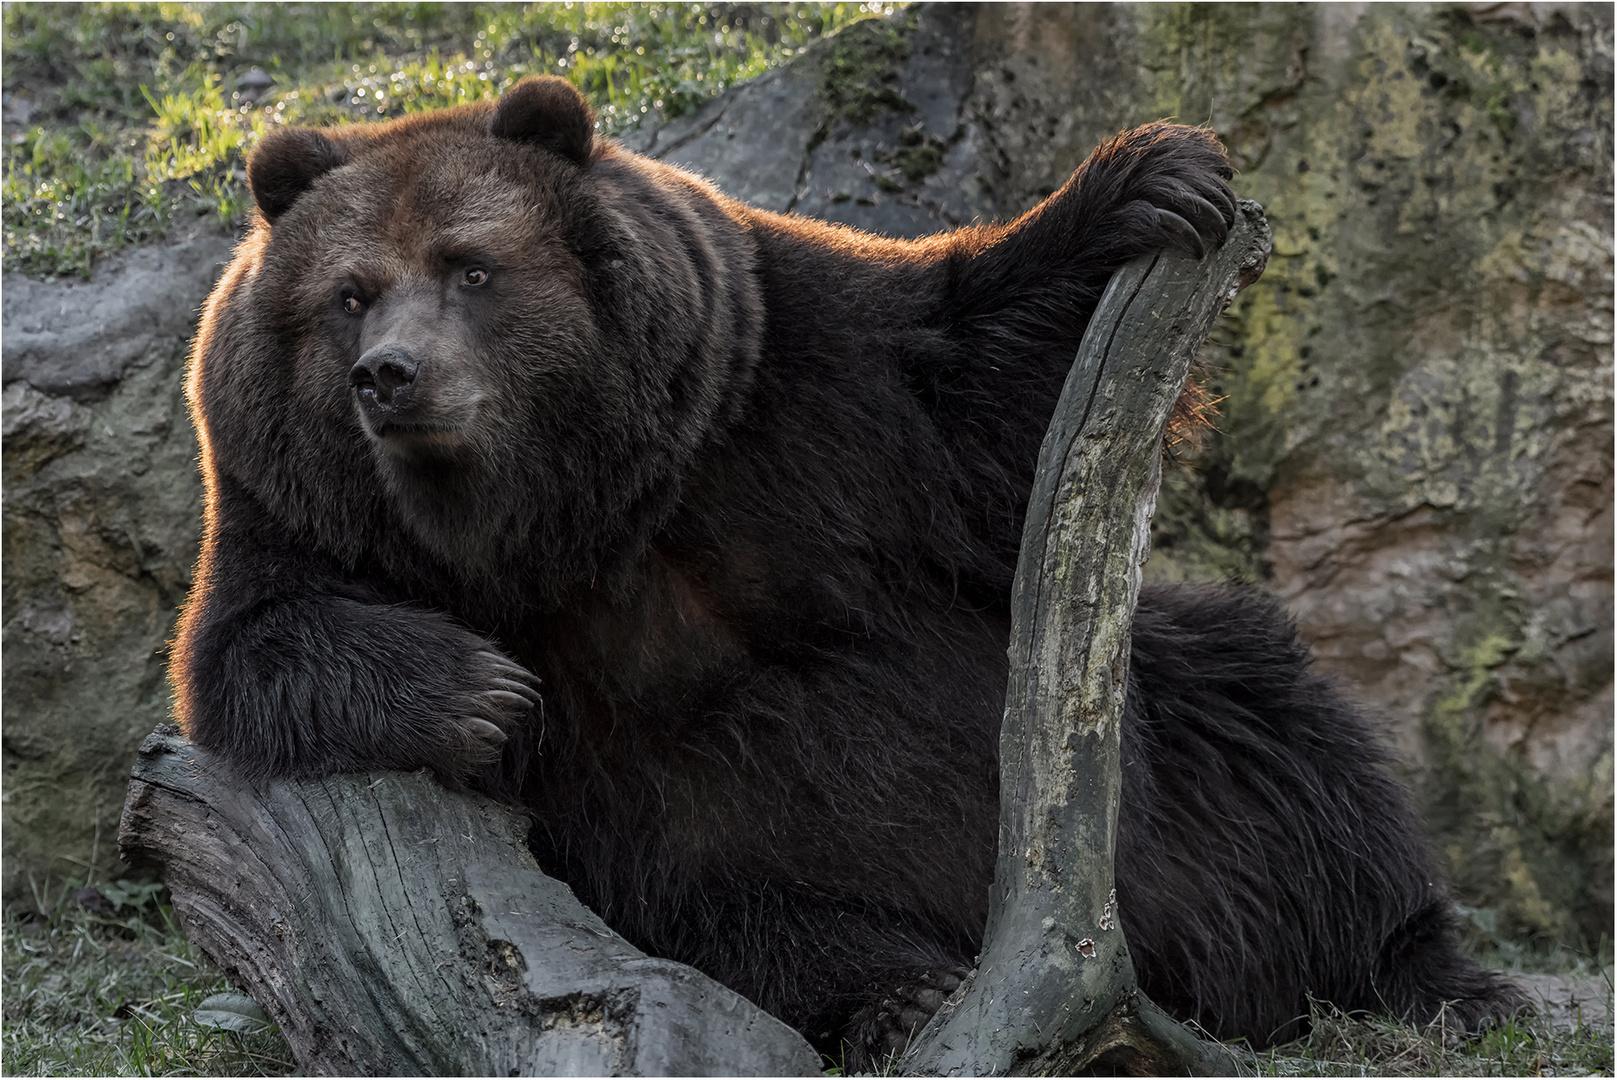 Coole Socke Foto Bild Bären Und Wölfe Bilder Auf Fotocommunity